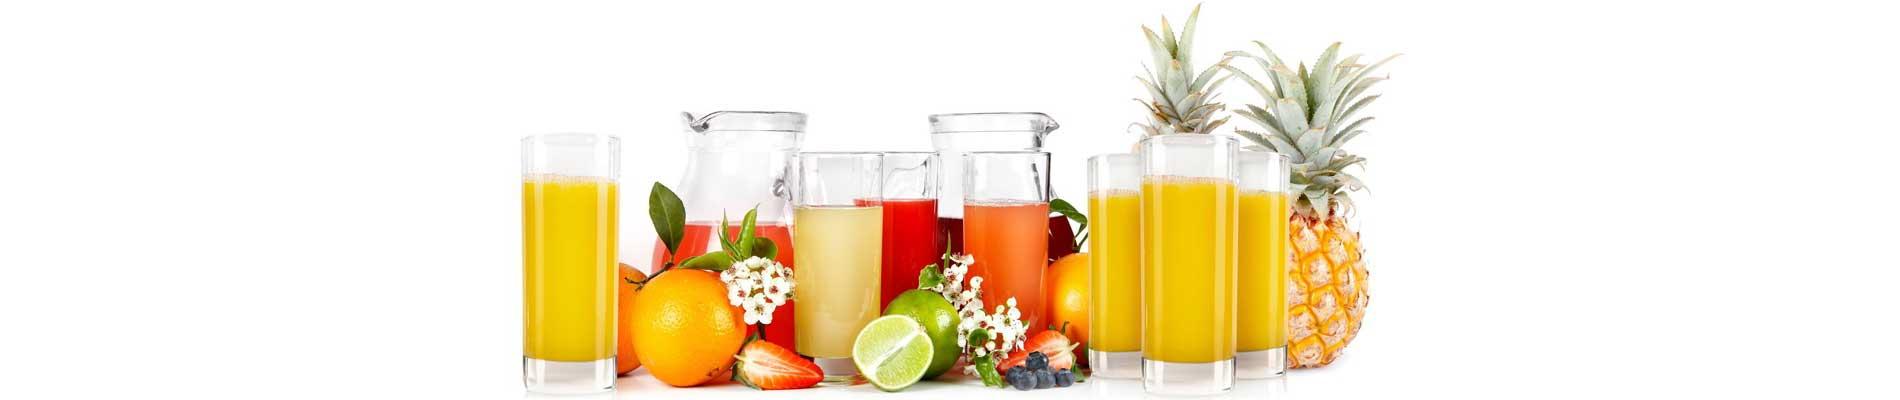 fotolia-juice